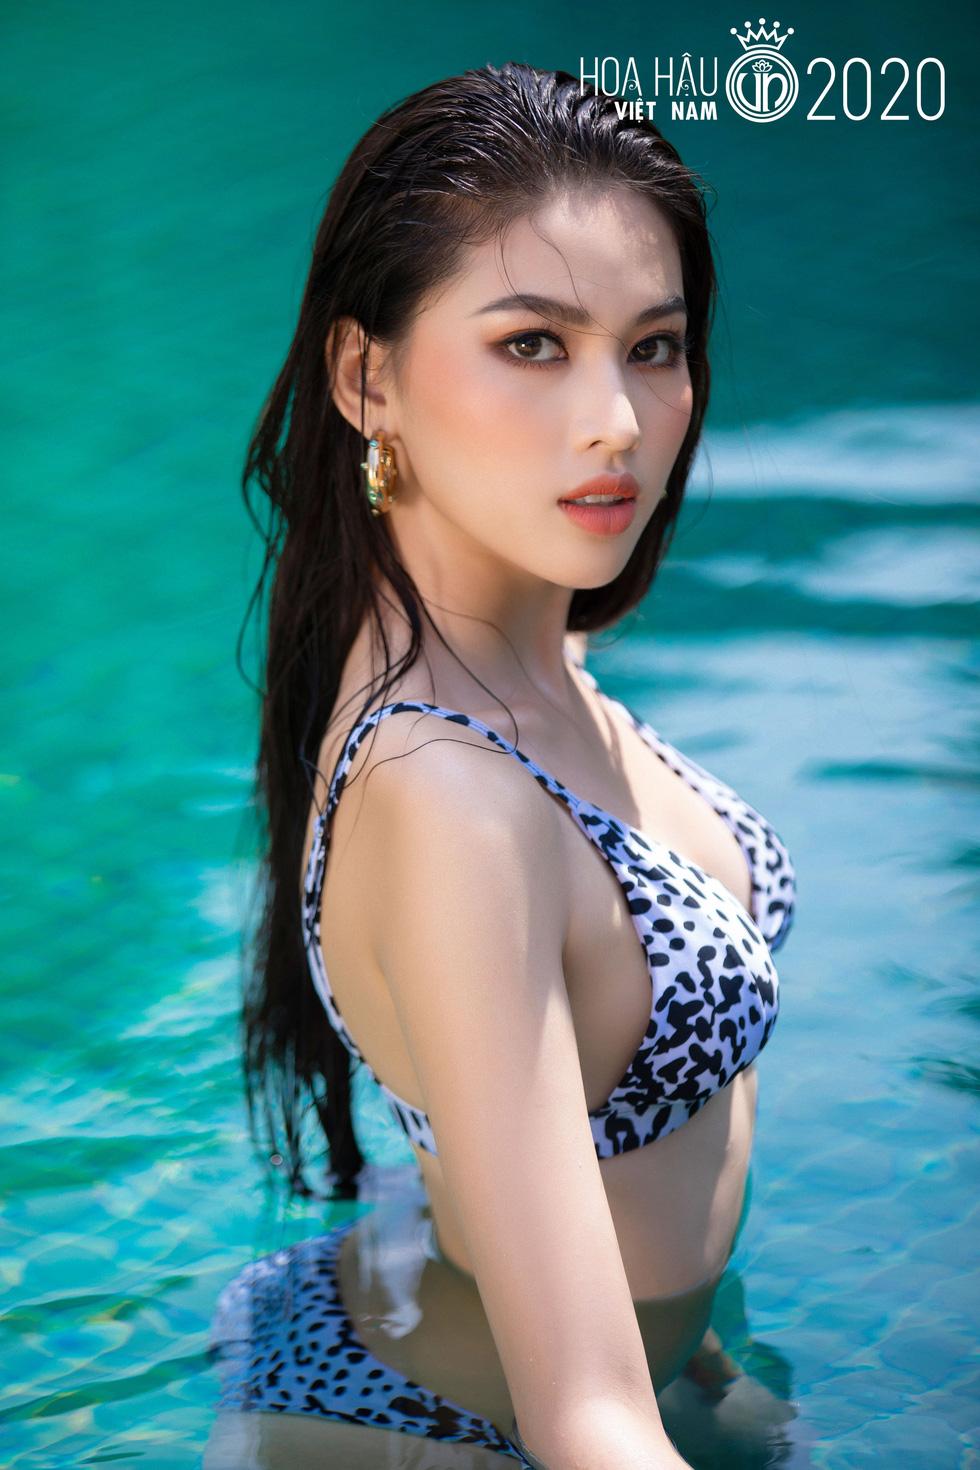 Nguyễn Lê Ngọc Thảo